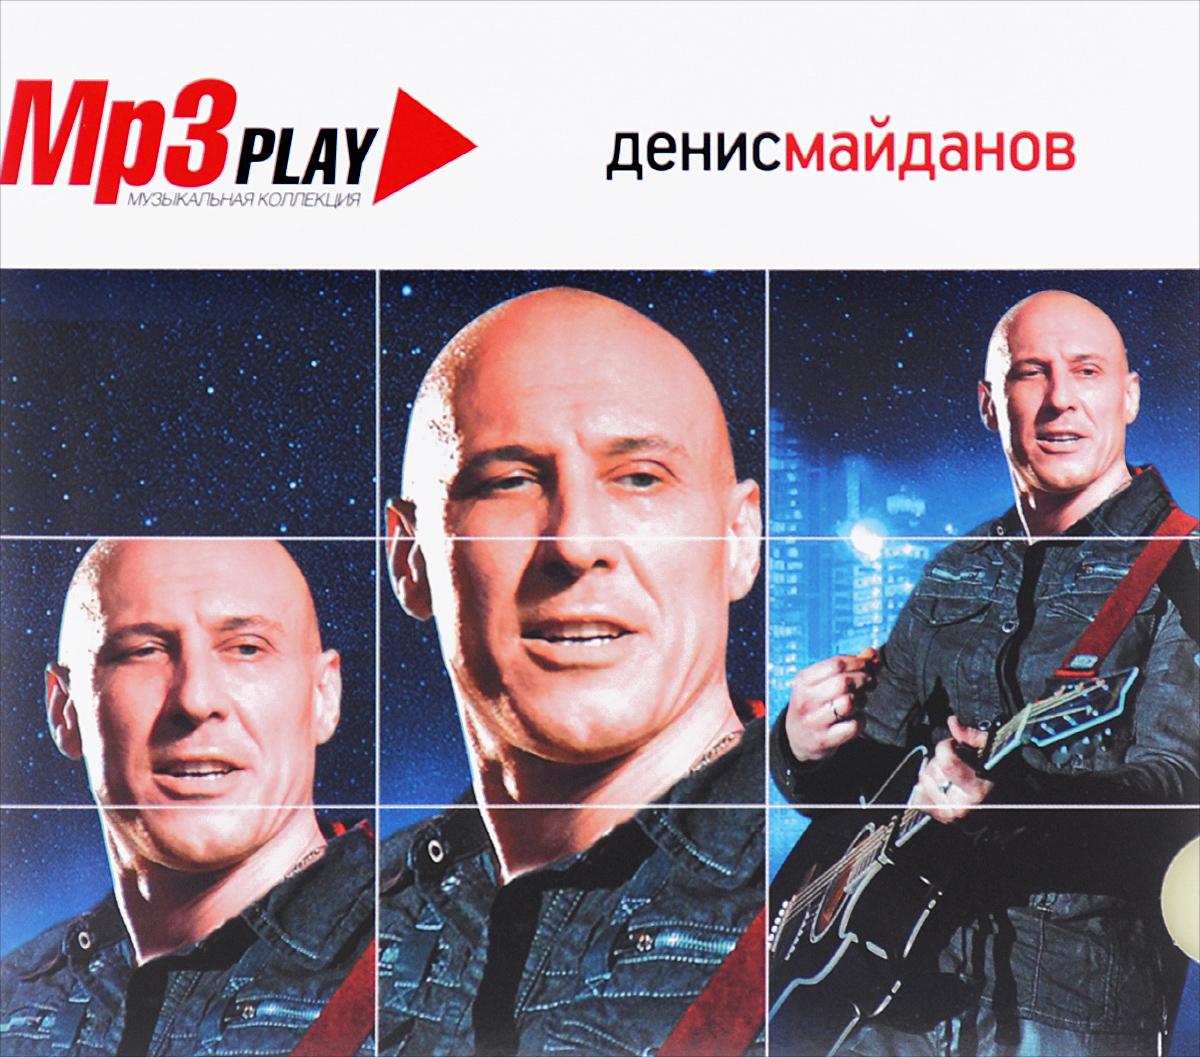 Денис Майданов MP3 Play. Денис Майданов (mp3) mp3 play братья радченко